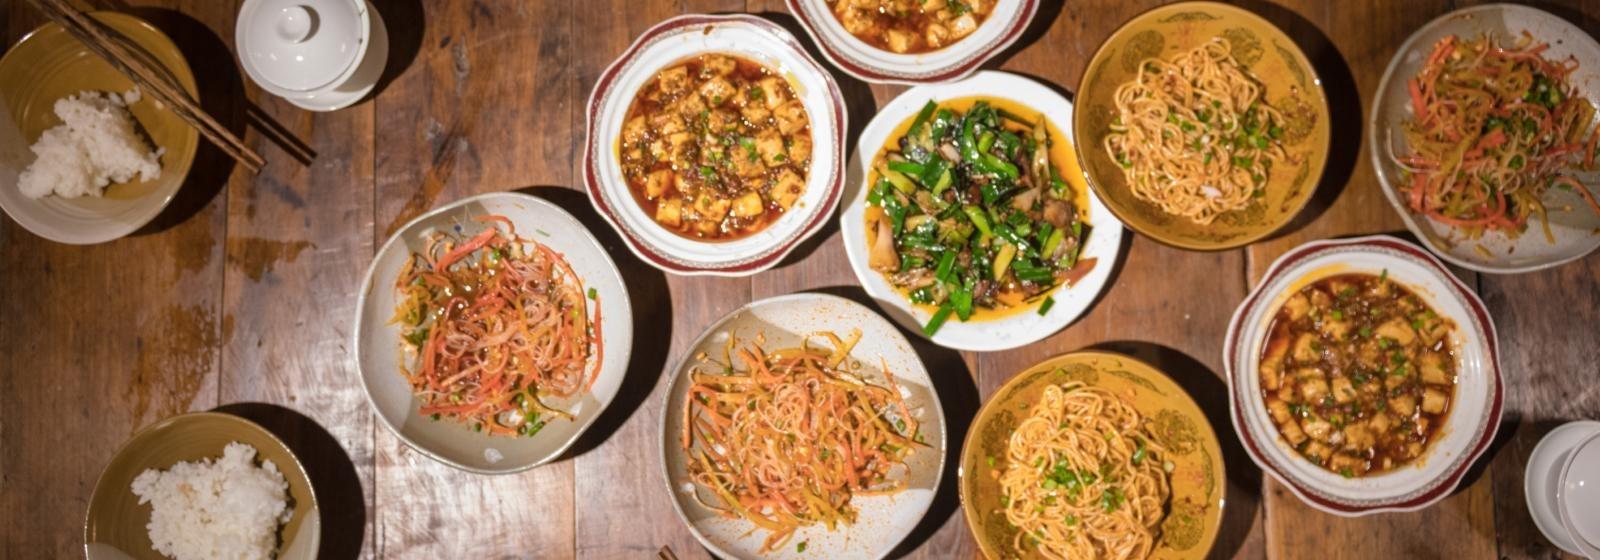 Aktivitäten in Chengdu